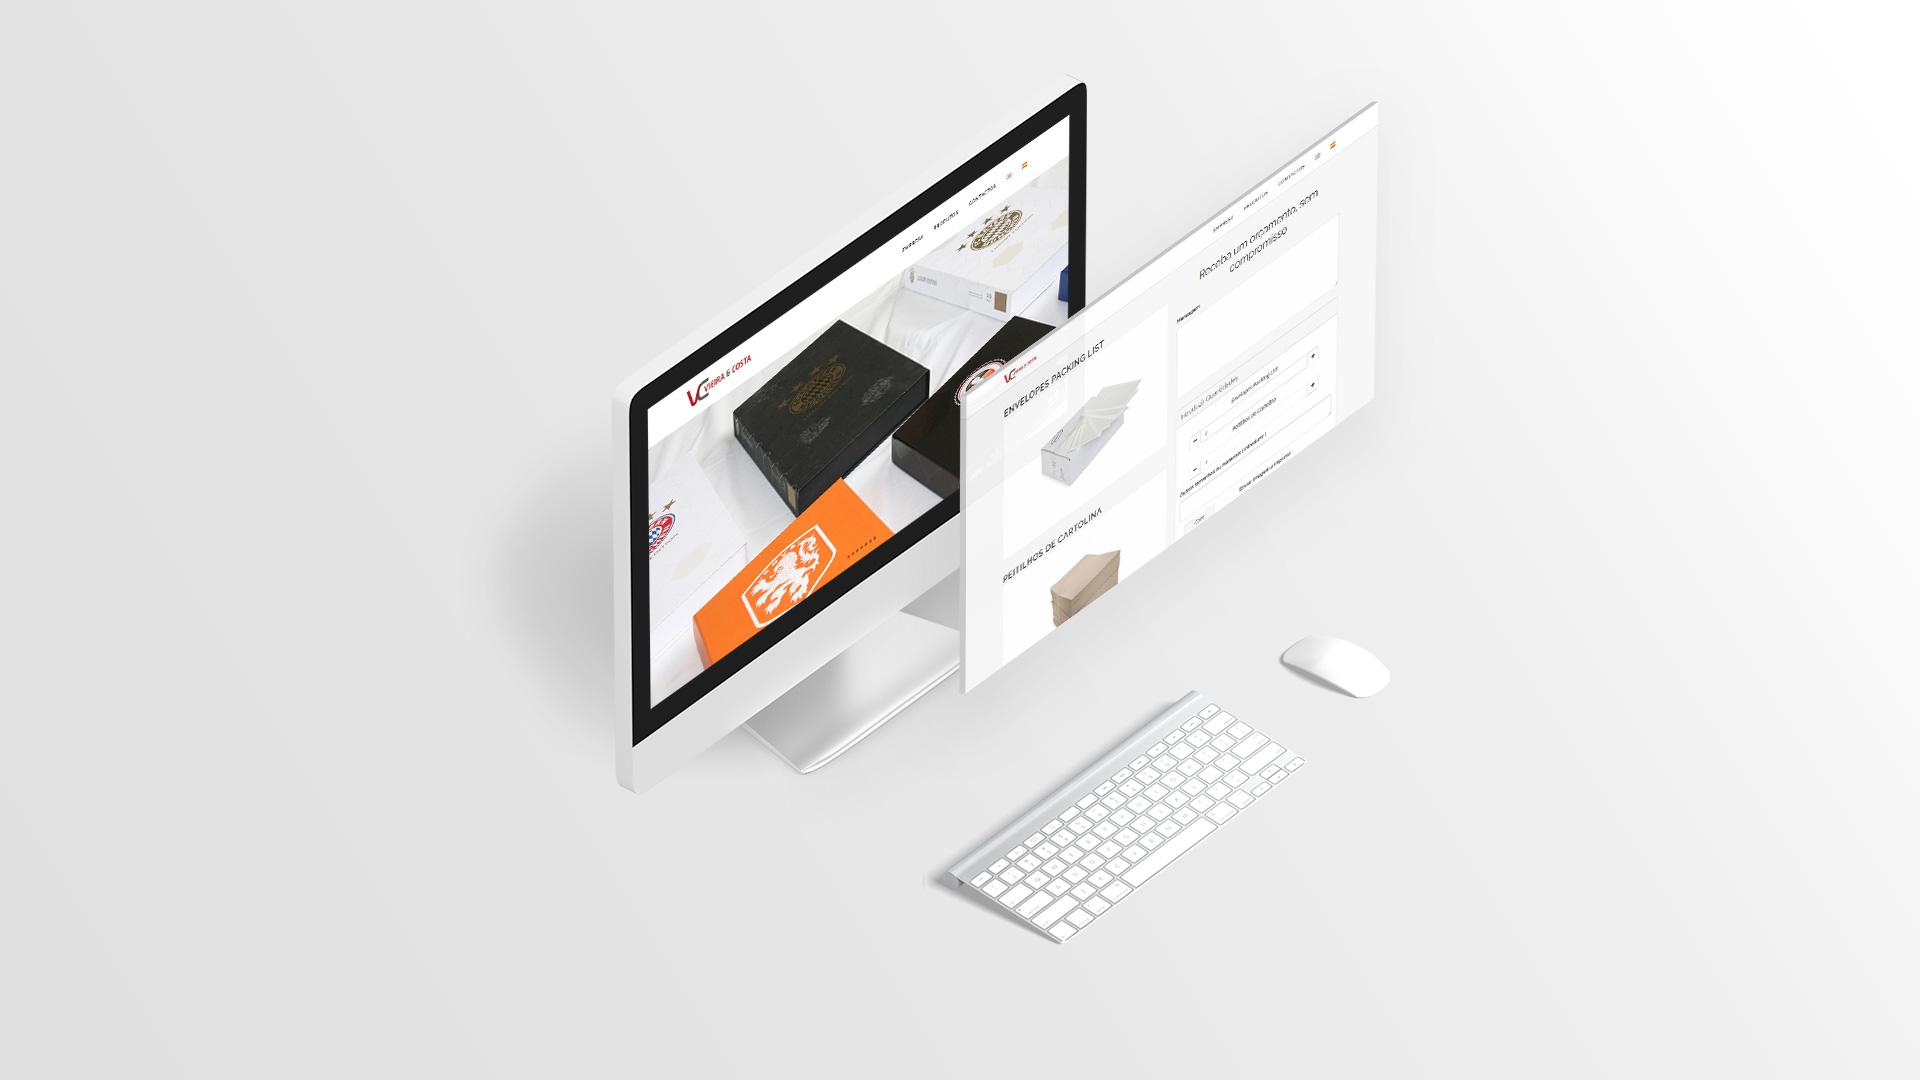 Vieiracosta-responsive design-web design